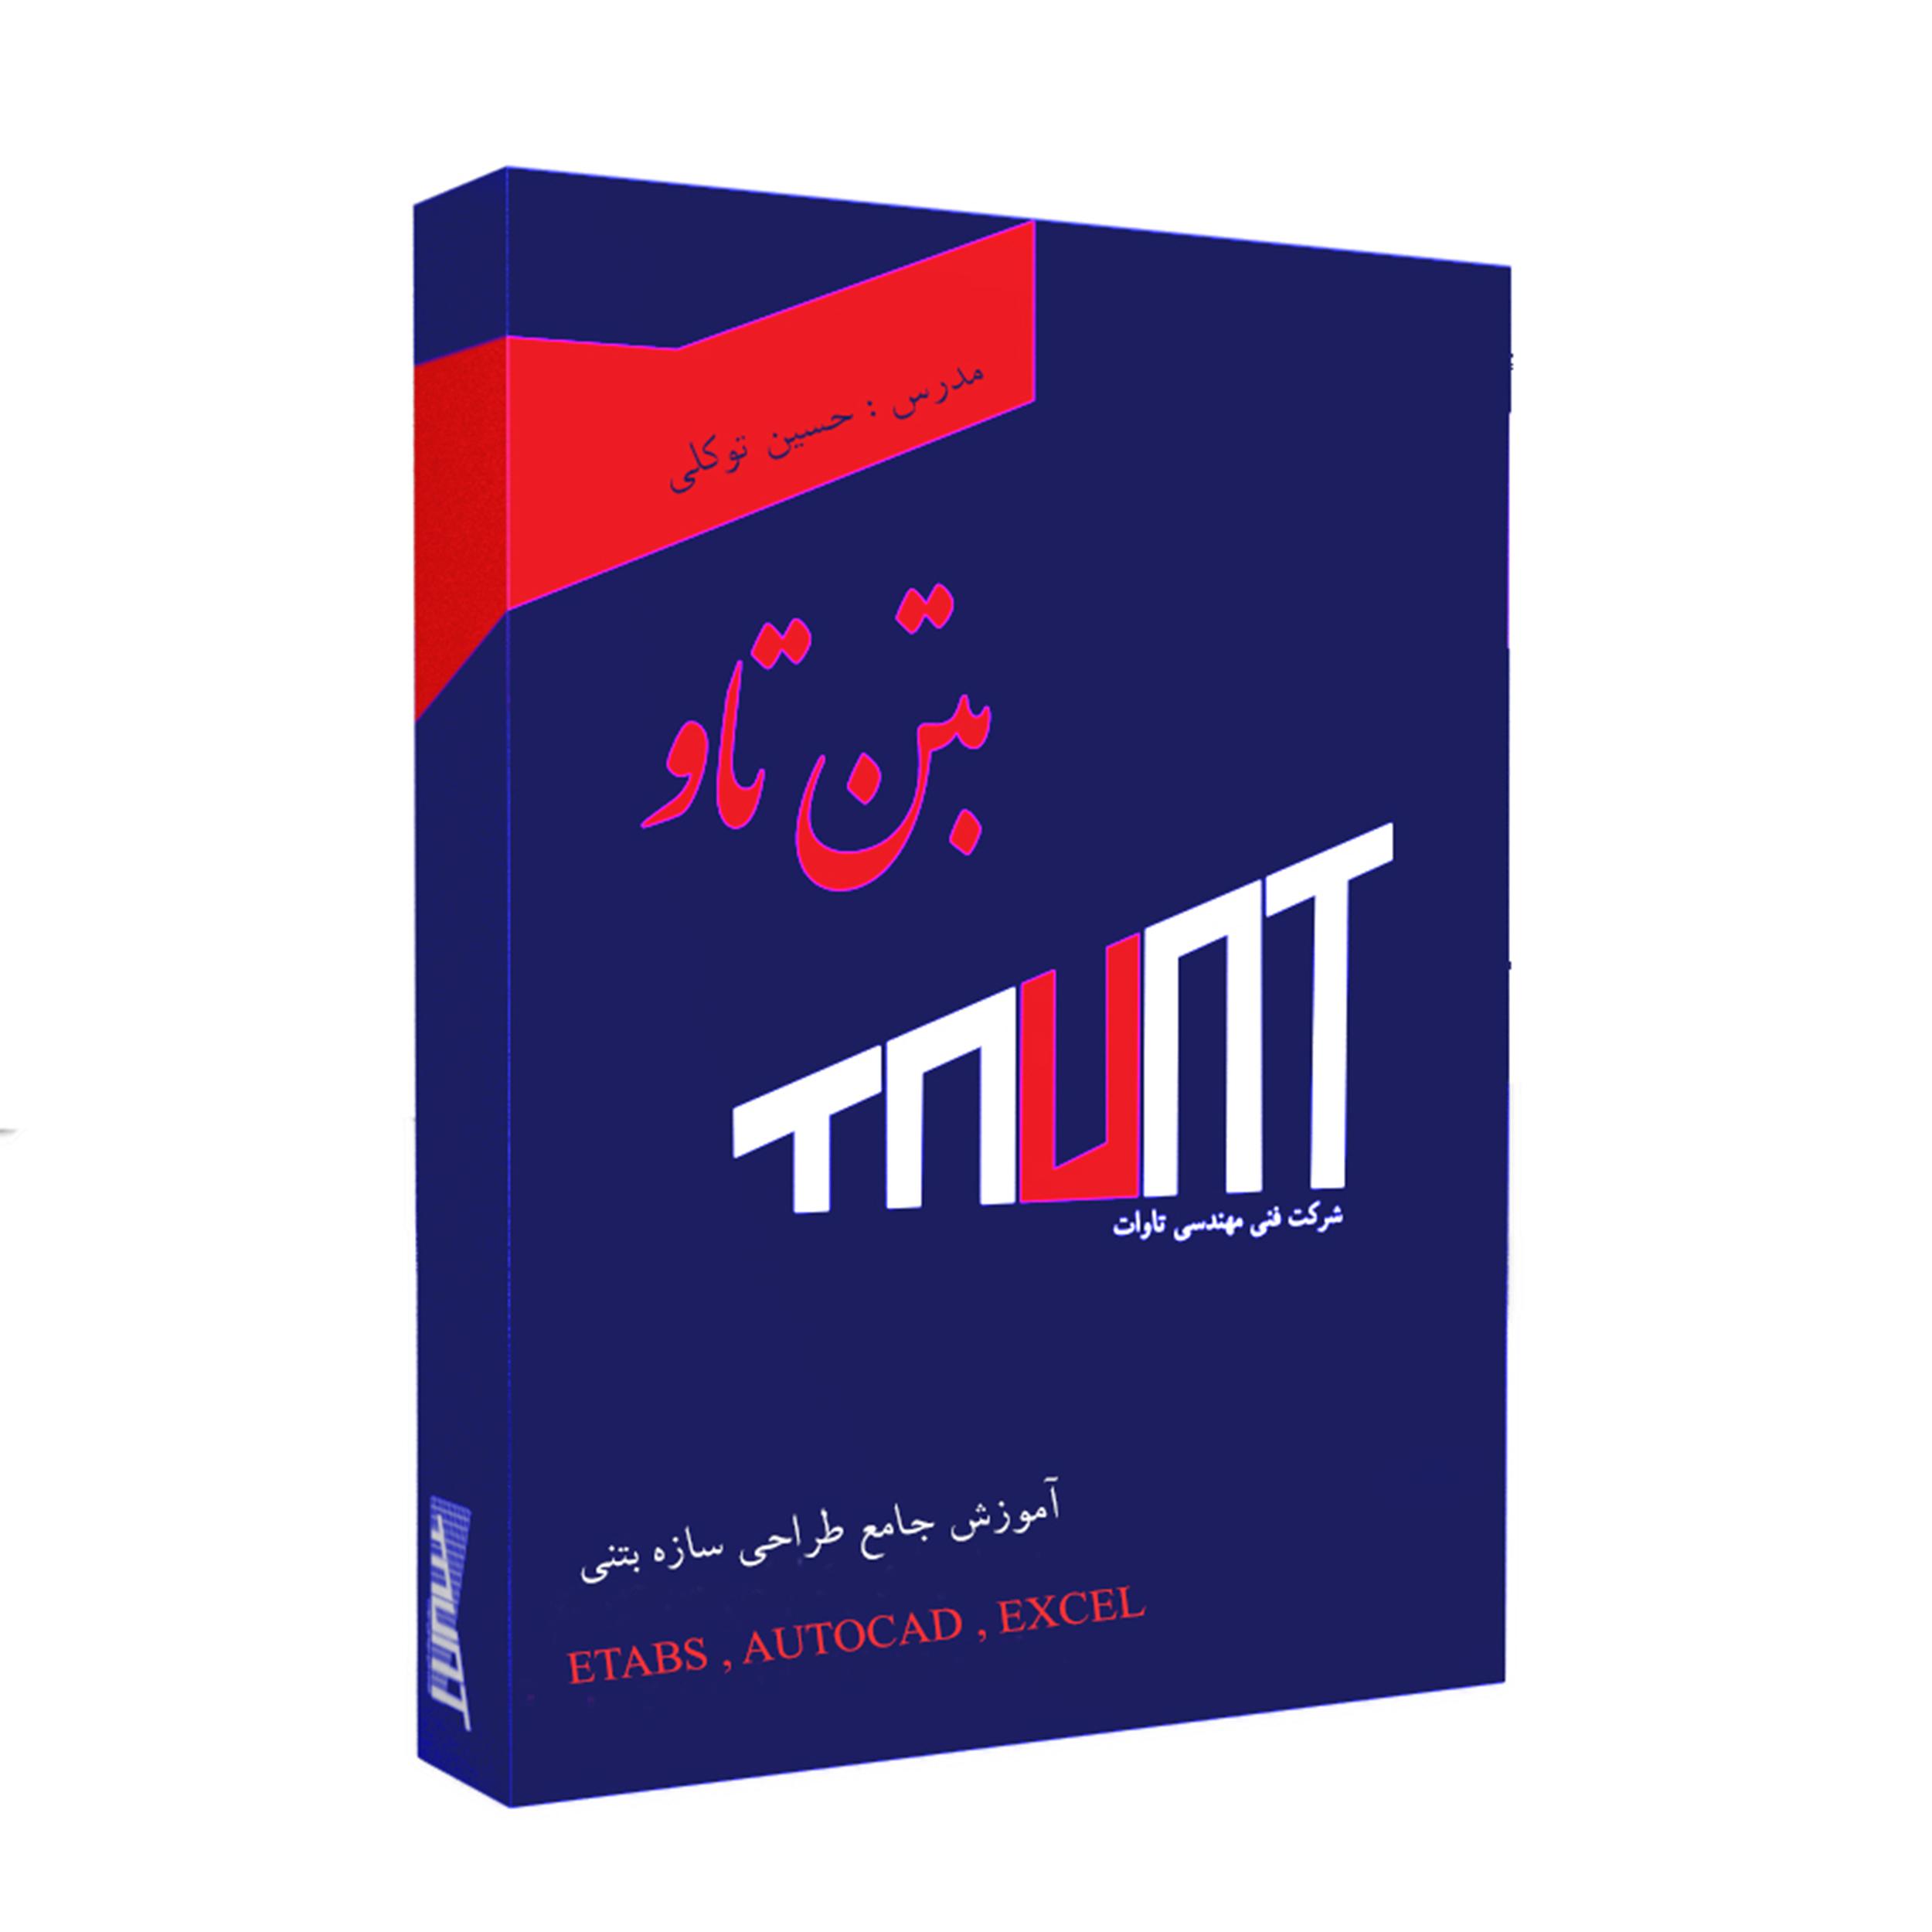 نرم افزار آموزش جامع طراحی سازه بتنی بتن تاو نشر تاوات